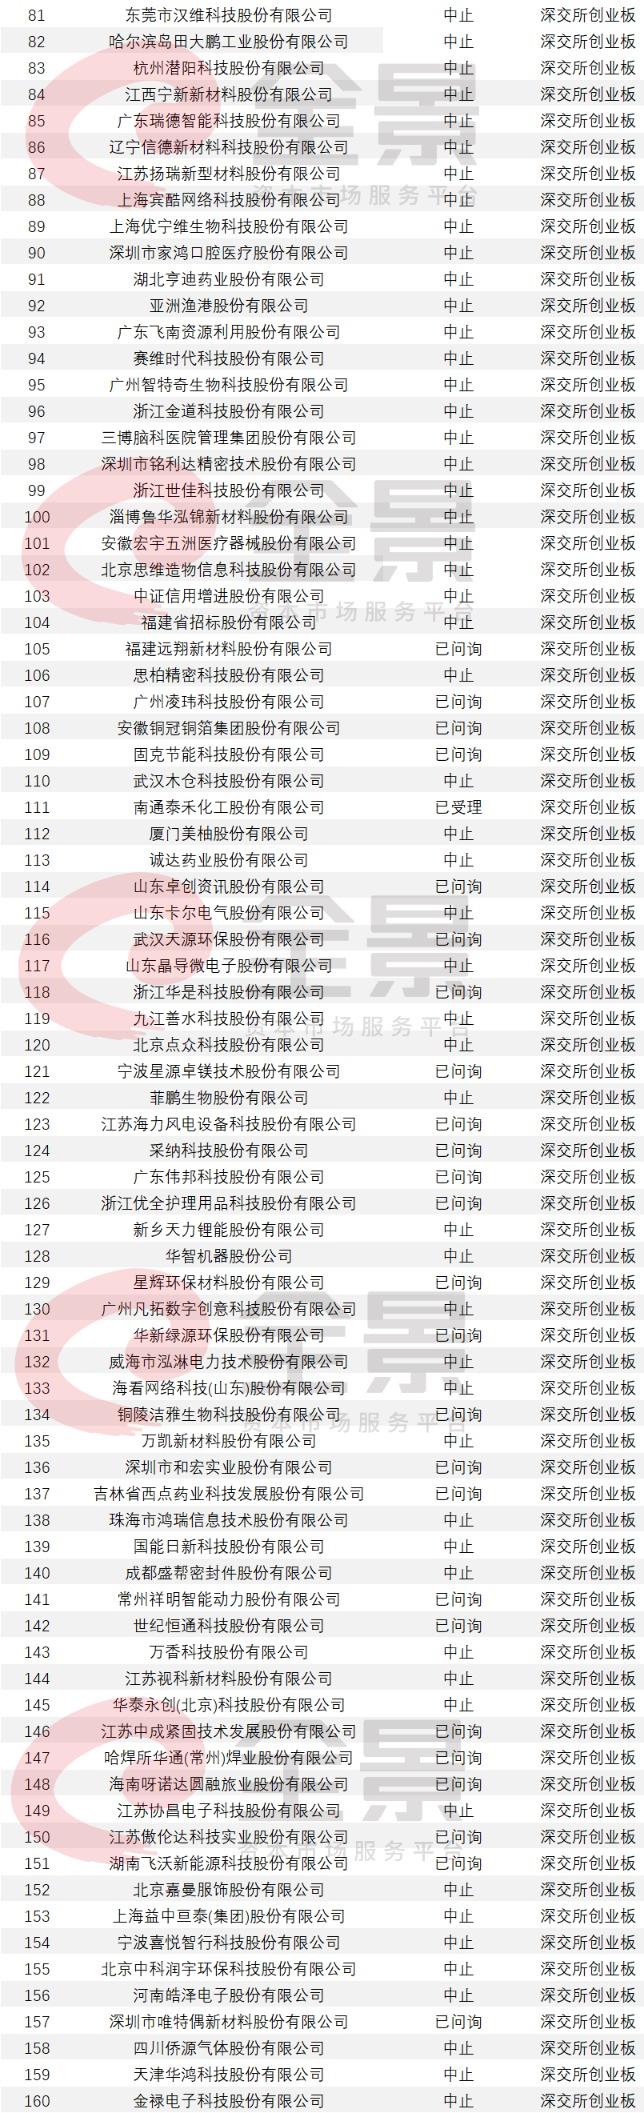 收录网站_961家排队A股IPO!酒仙网拟冲刺创业板(附最新IPO排队名单)插图11